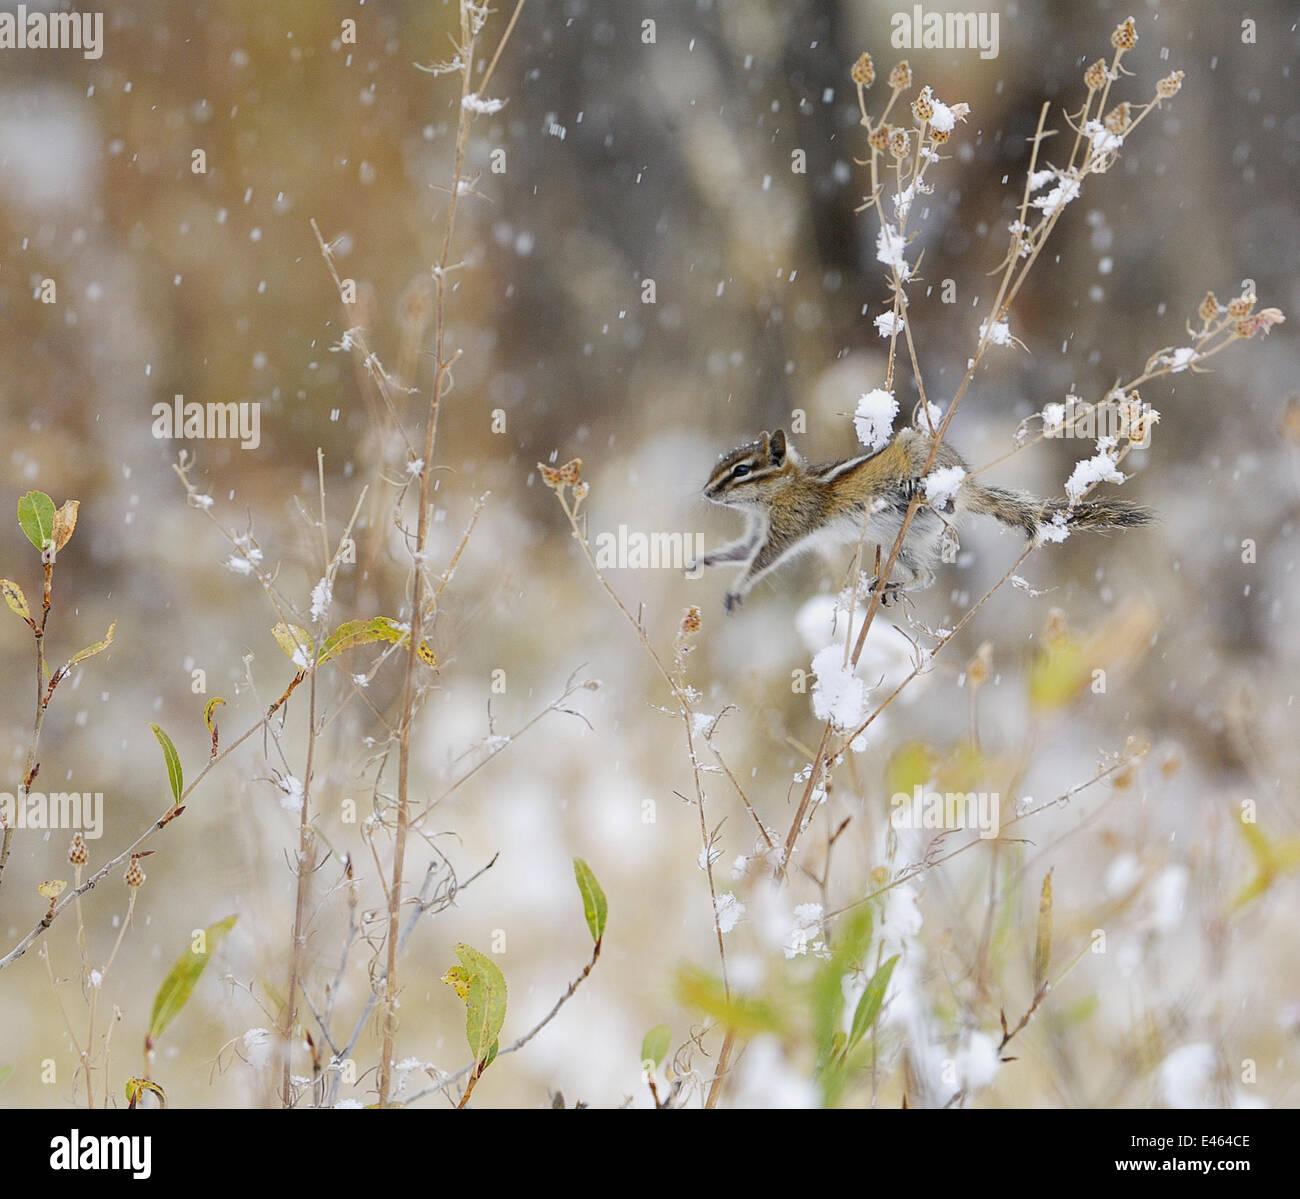 Le tamia mineur (Tamius minimus) se nourrissant des graines d'un chardon bush durant une tempête, le Grand Photo Stock